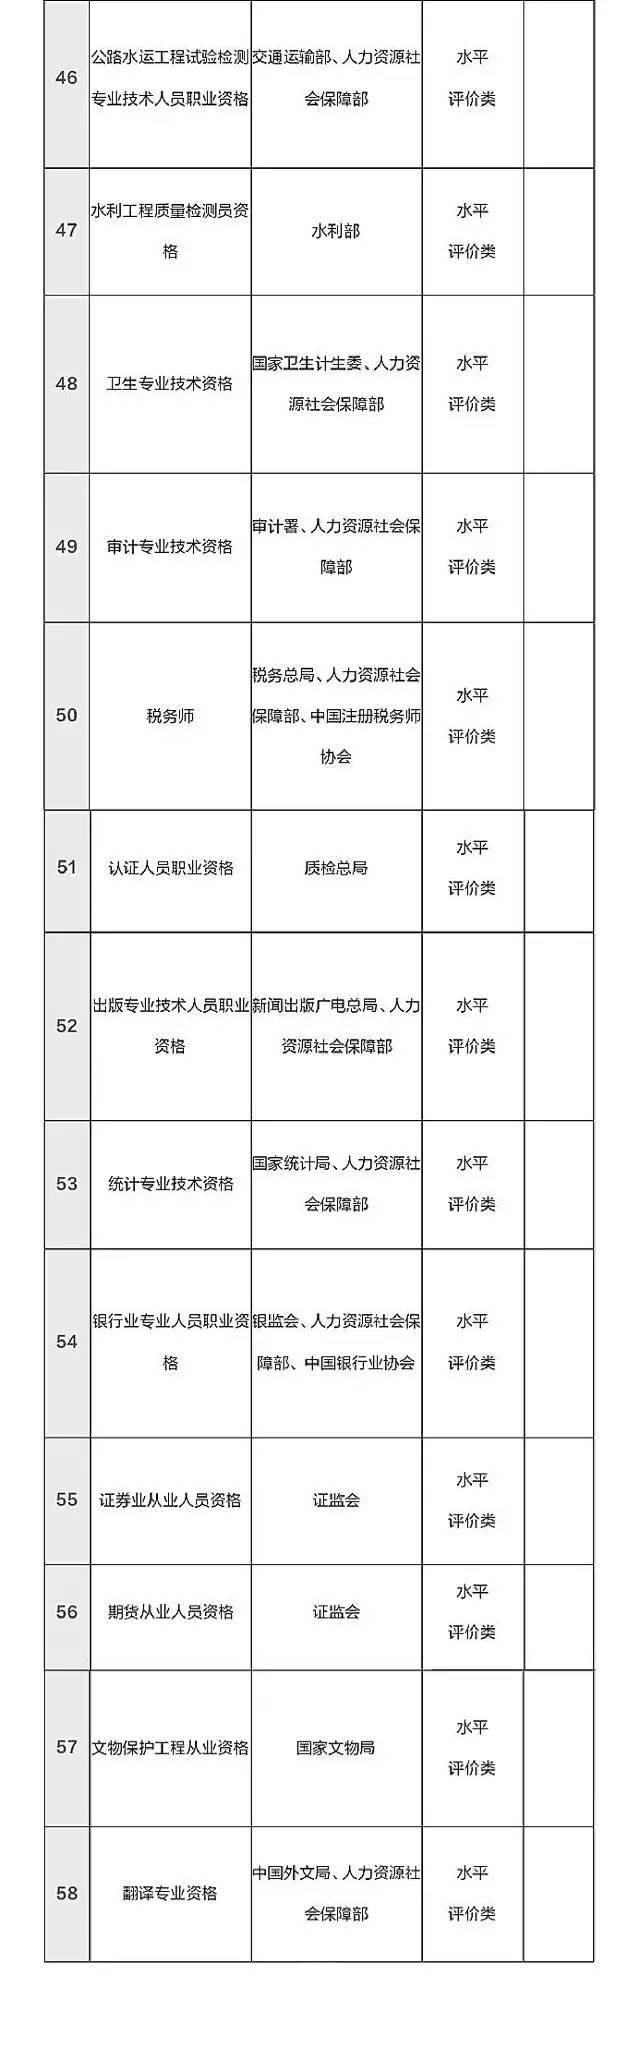 总理力推,国家职业资格目录清单公示了! - heaiyilang5728 - 和蔼一郎5728之博客